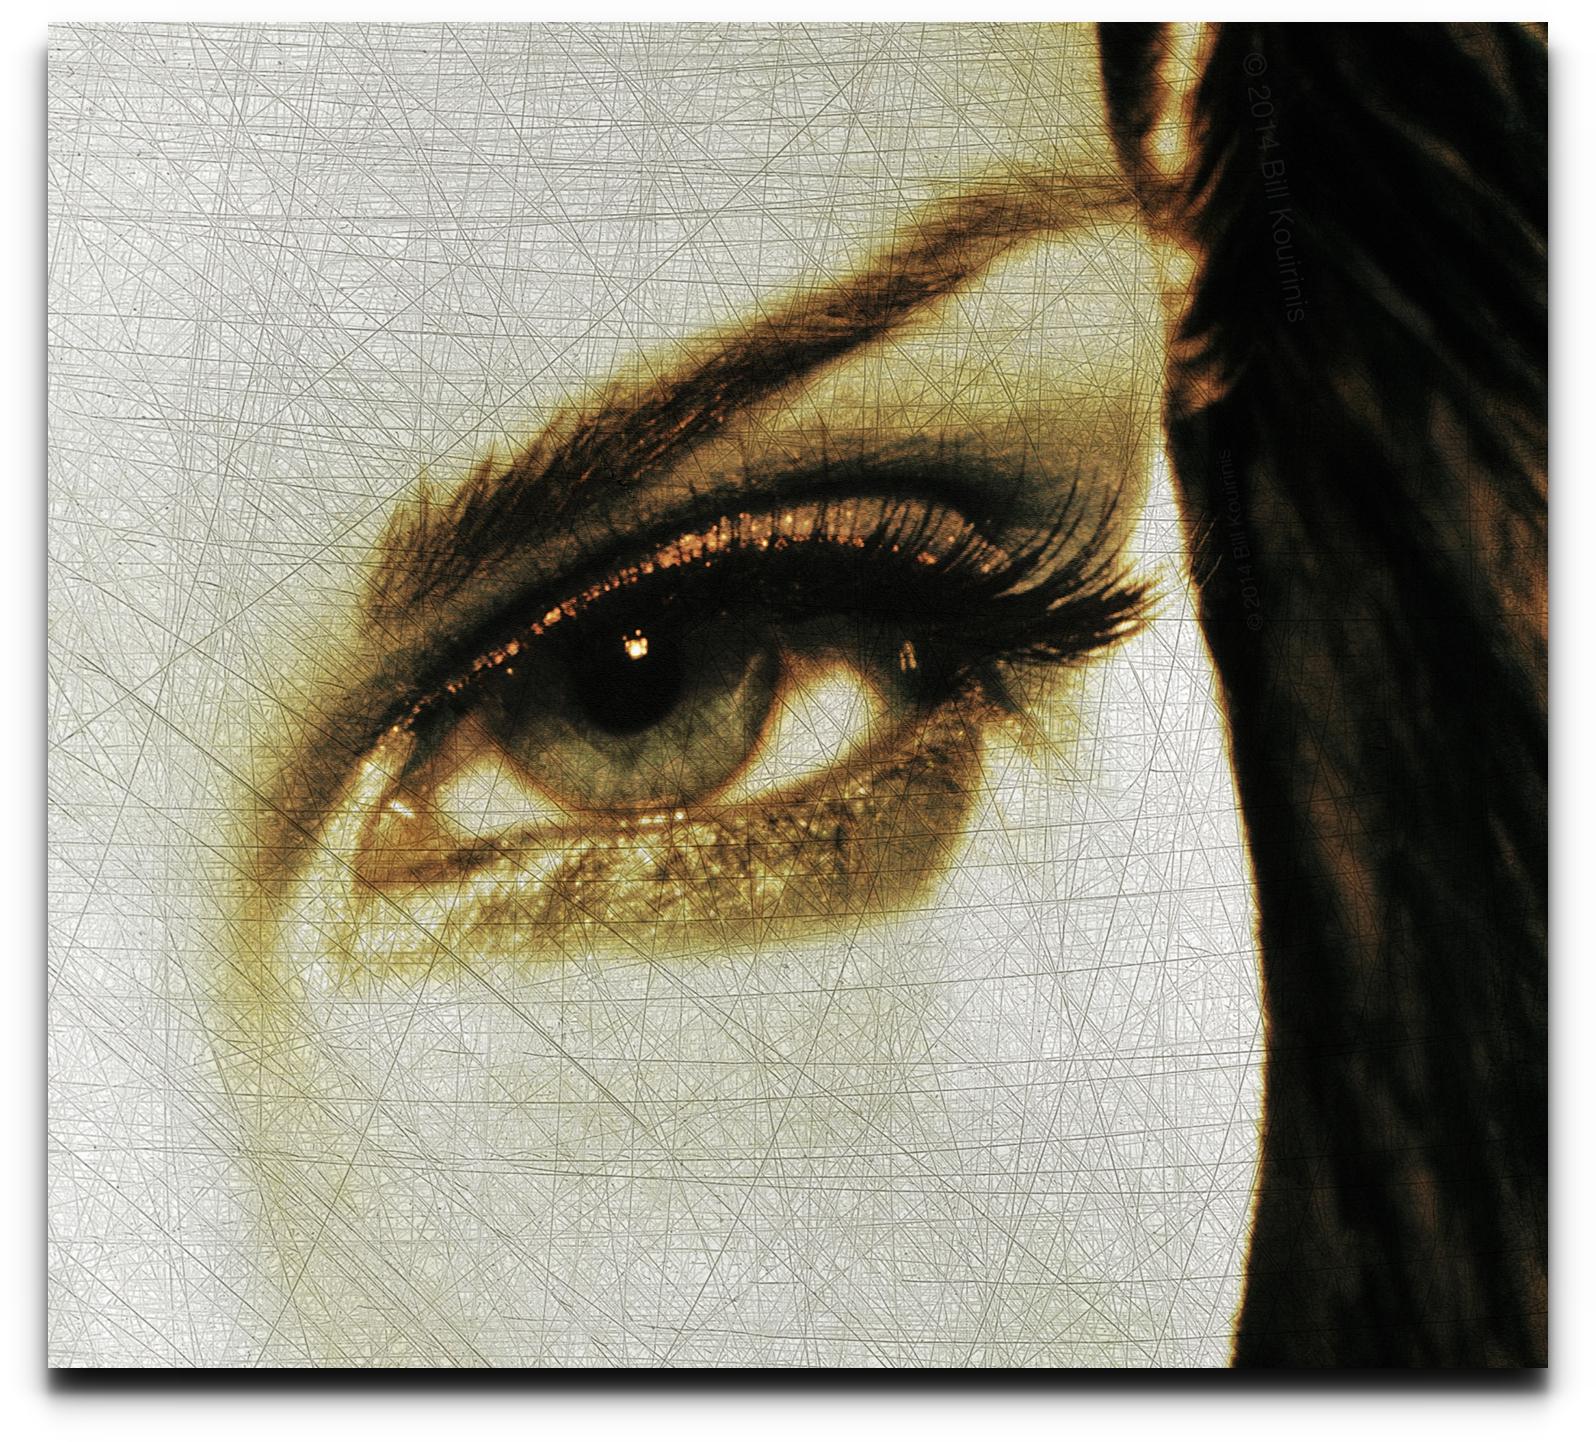 scratch-eye.jpg